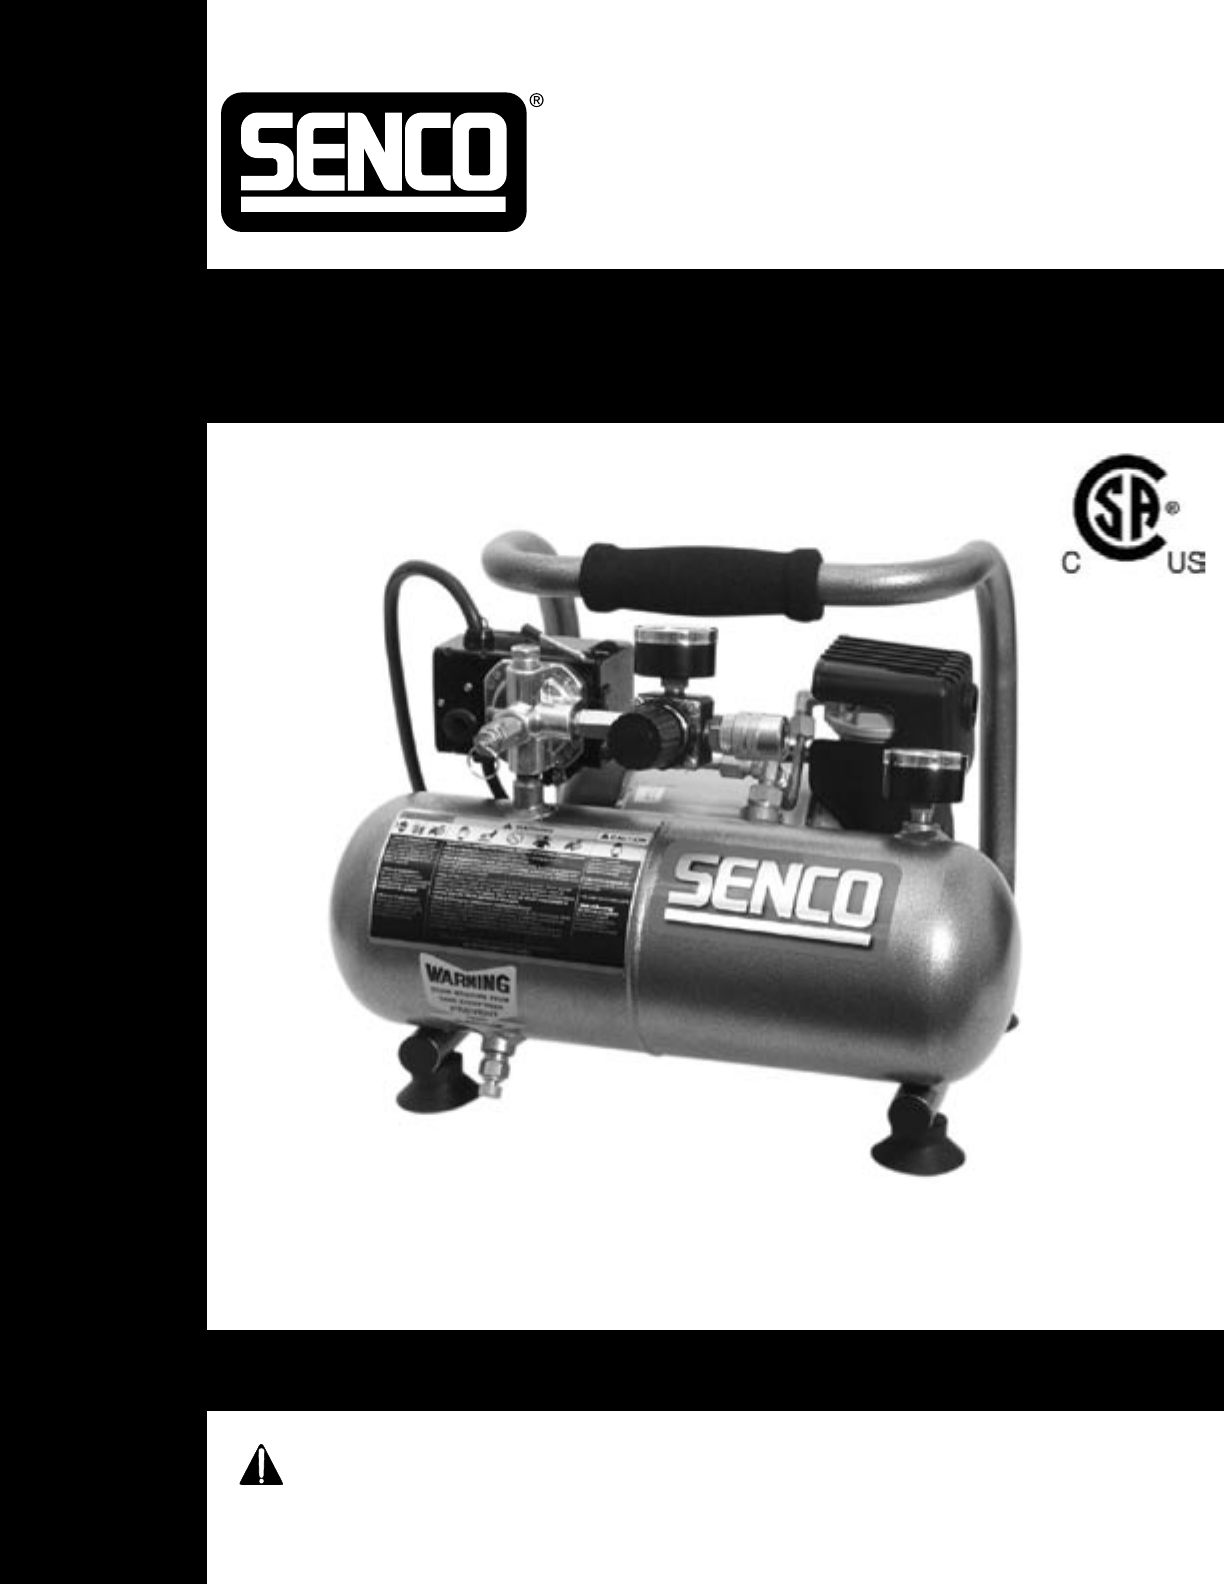 senco air compressor pc1010 user guide manualsonline com rh powertool manualsonline com Senco FinishPro 35 Senco Finish Nailer